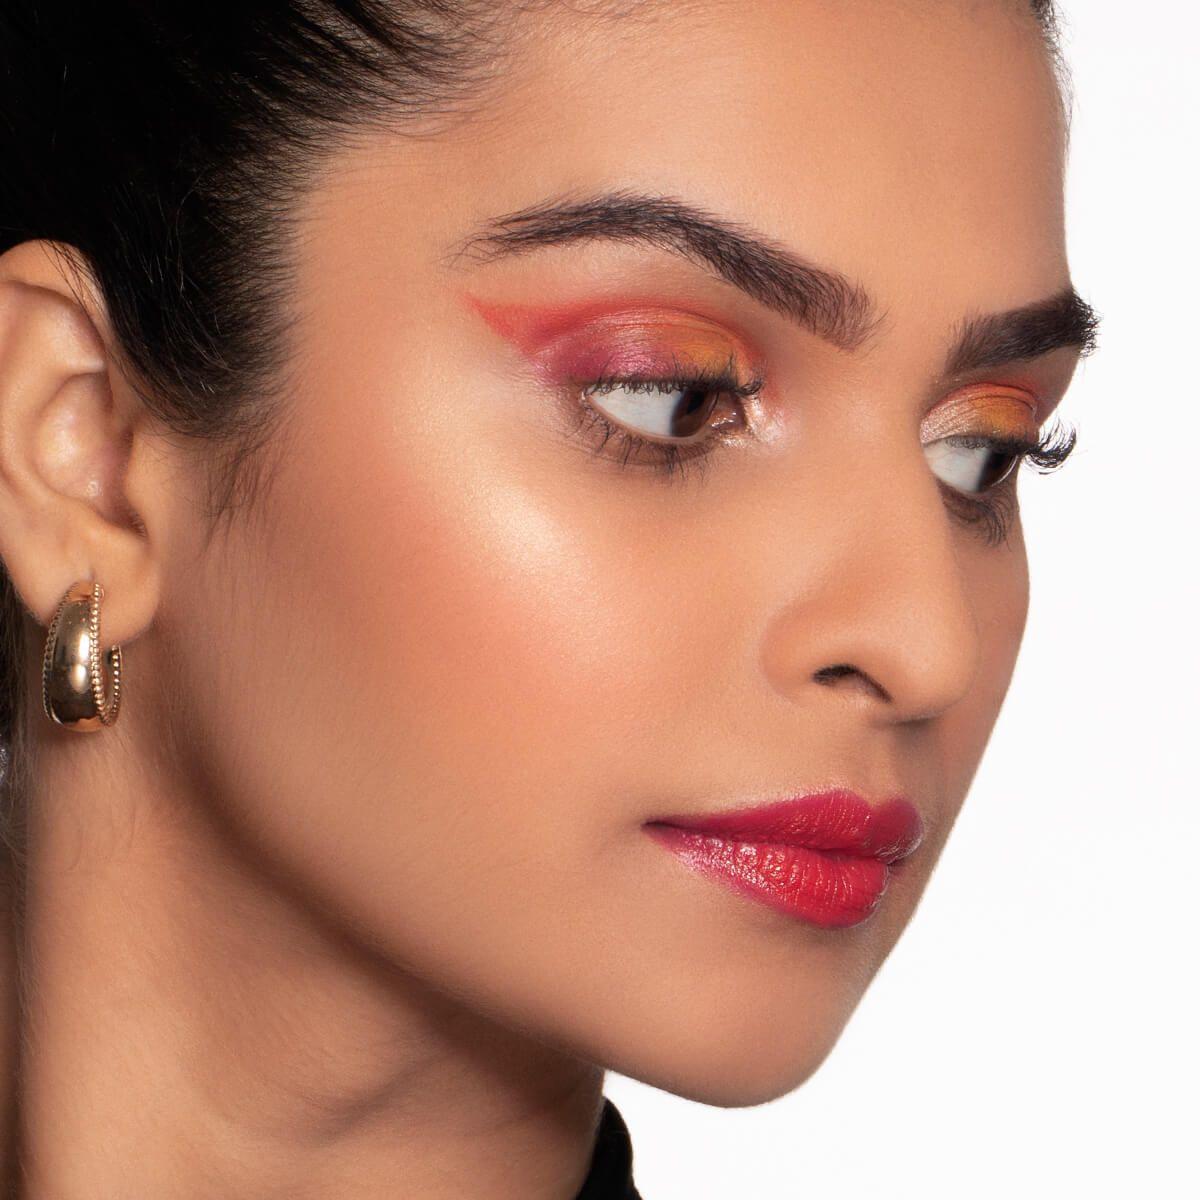 How to get Neon Makeup Look